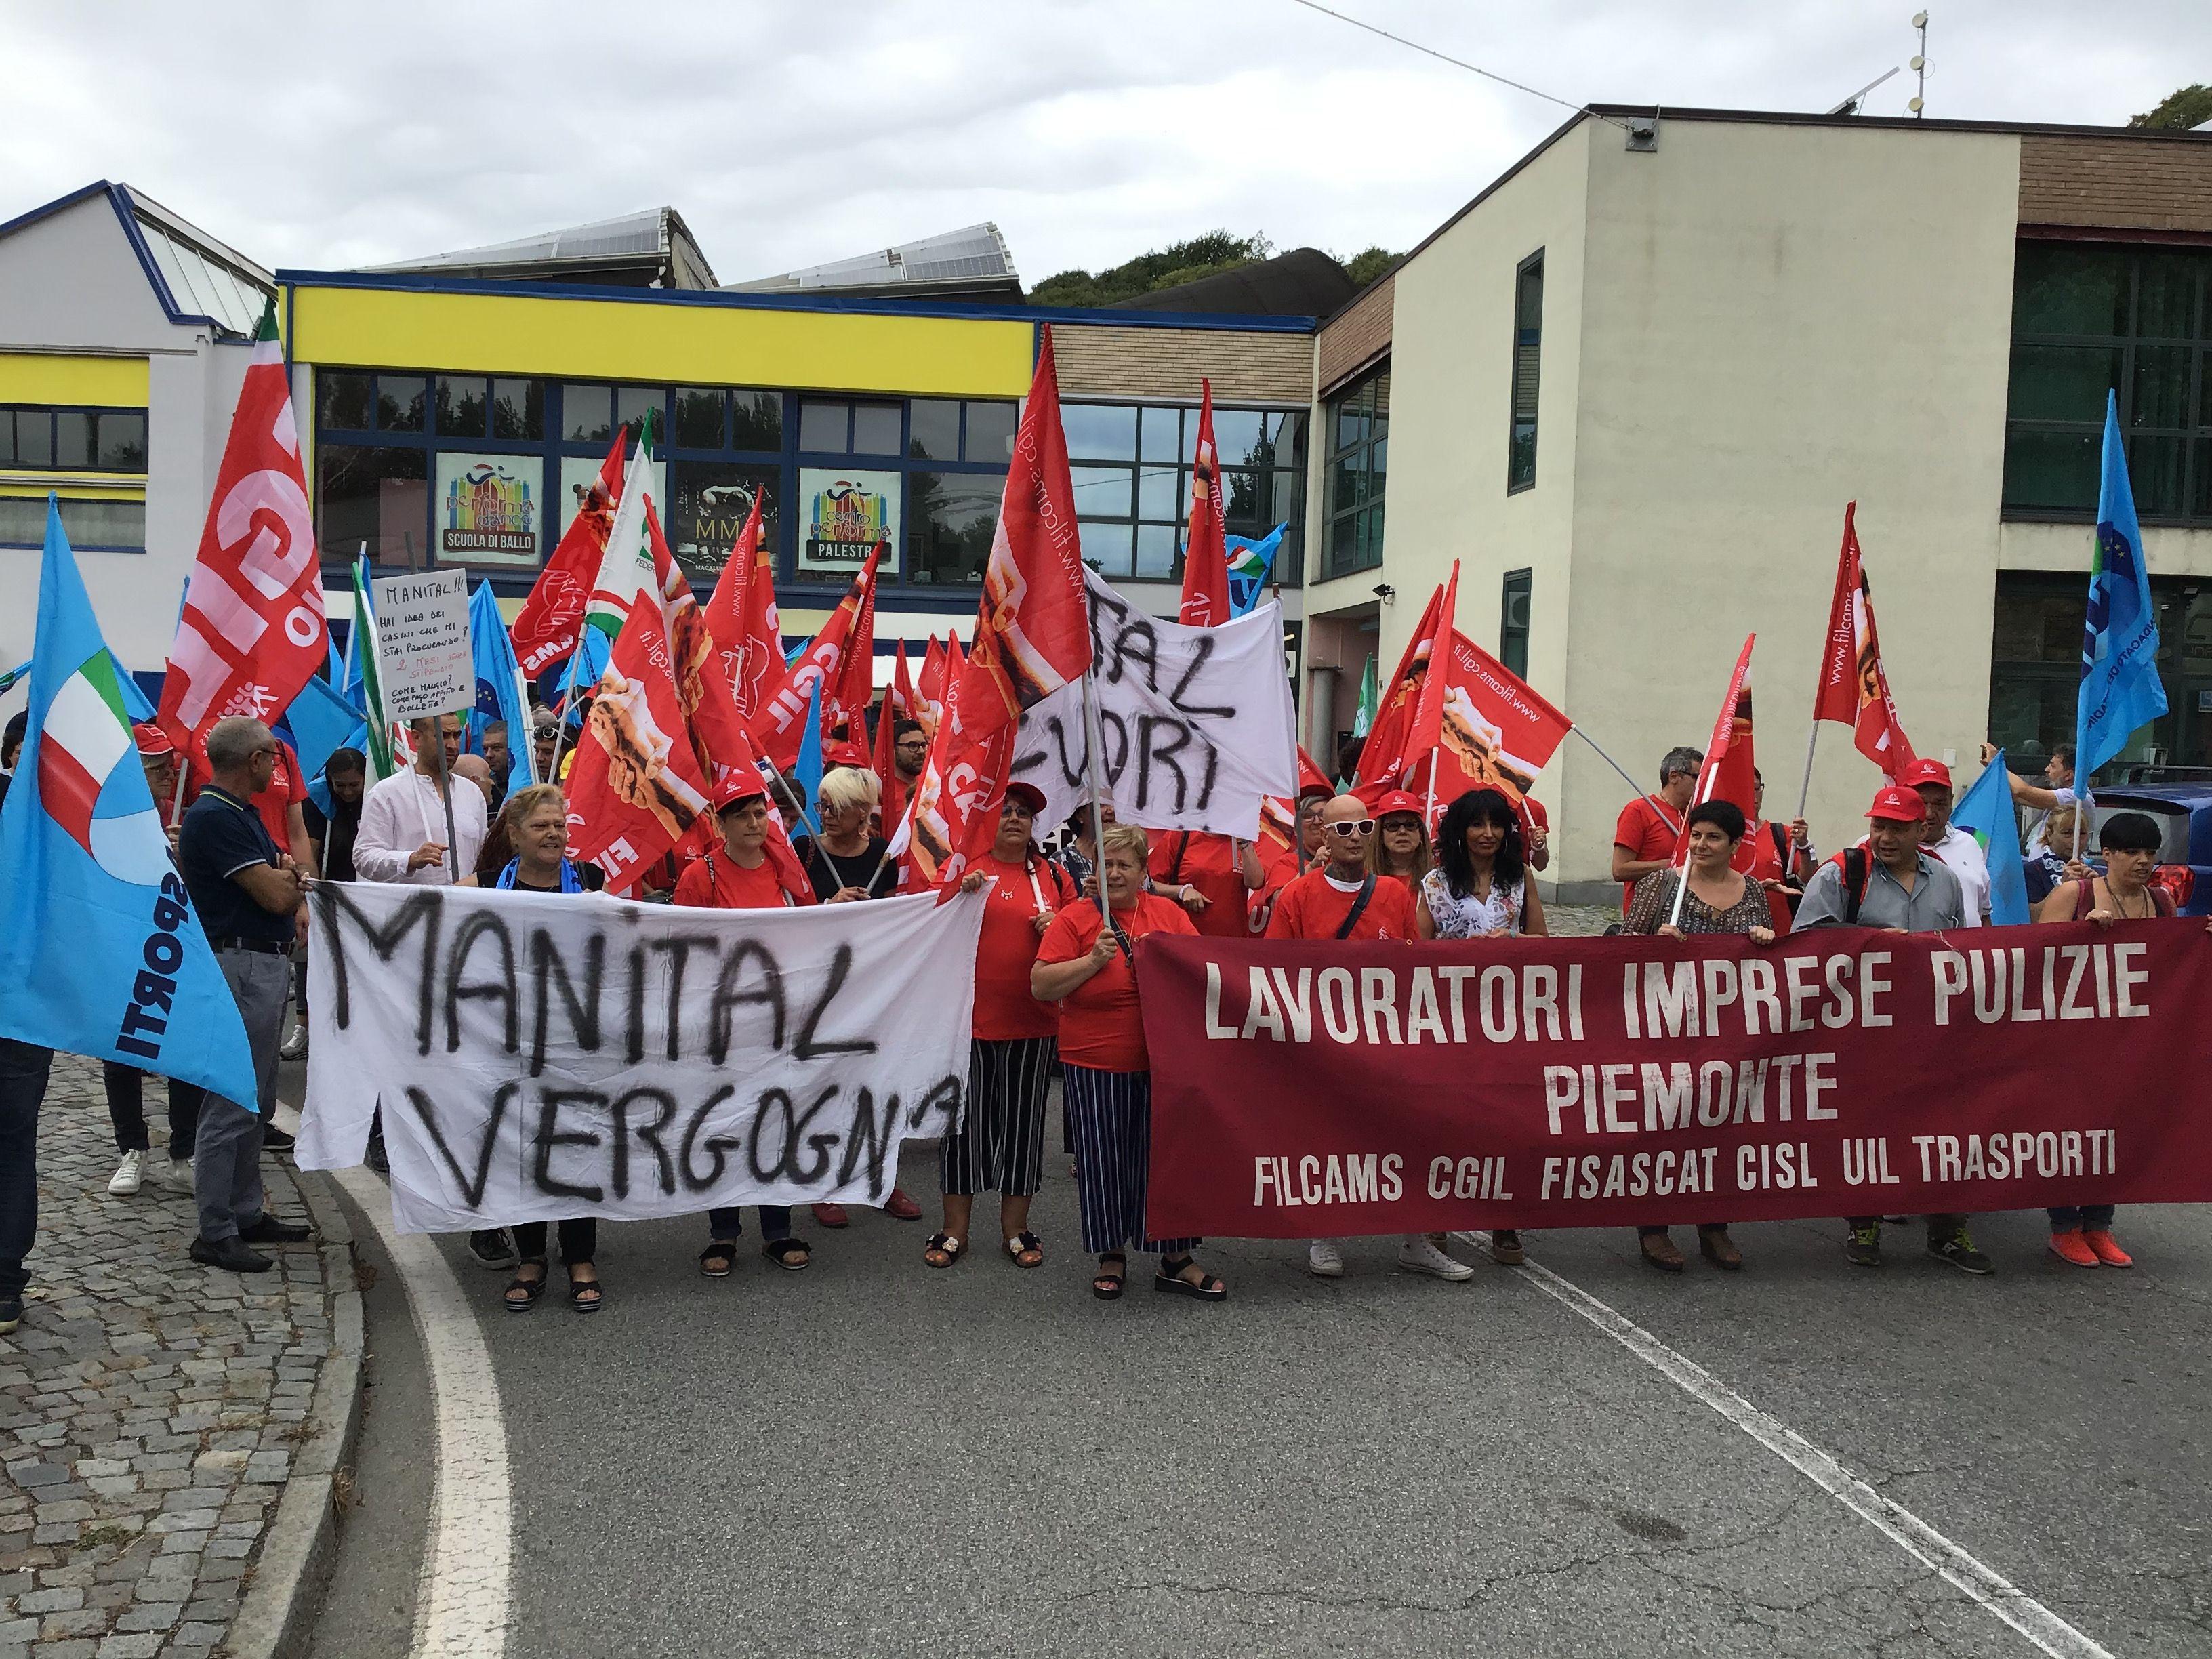 IVREA - Crisi Manital: il tribunale rinvia la decisione al 31 gennaio